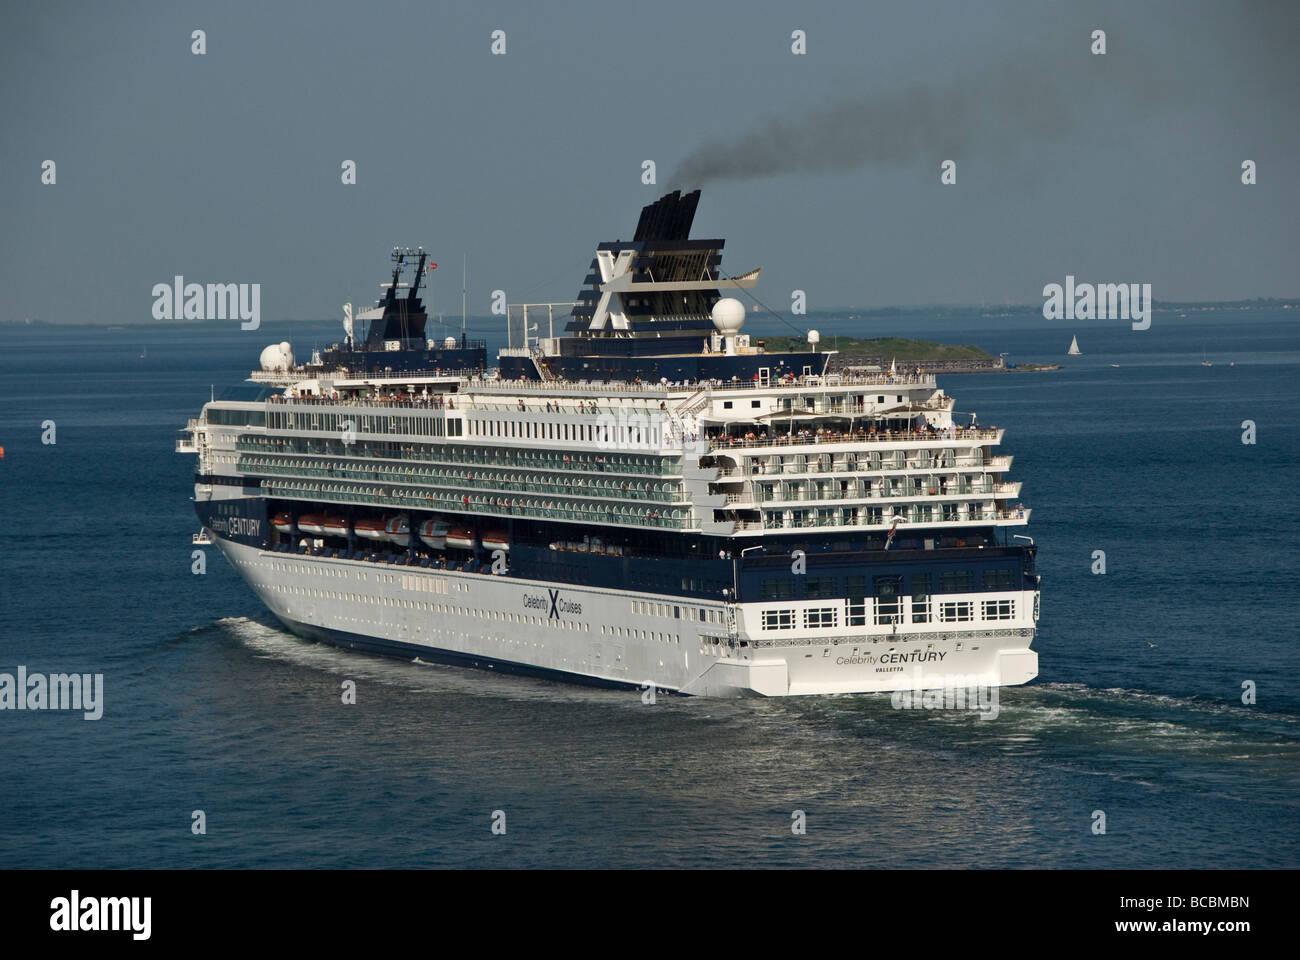 Celebrity Cruise Stock Photos Amp Celebrity Cruise Stock Images Alamy